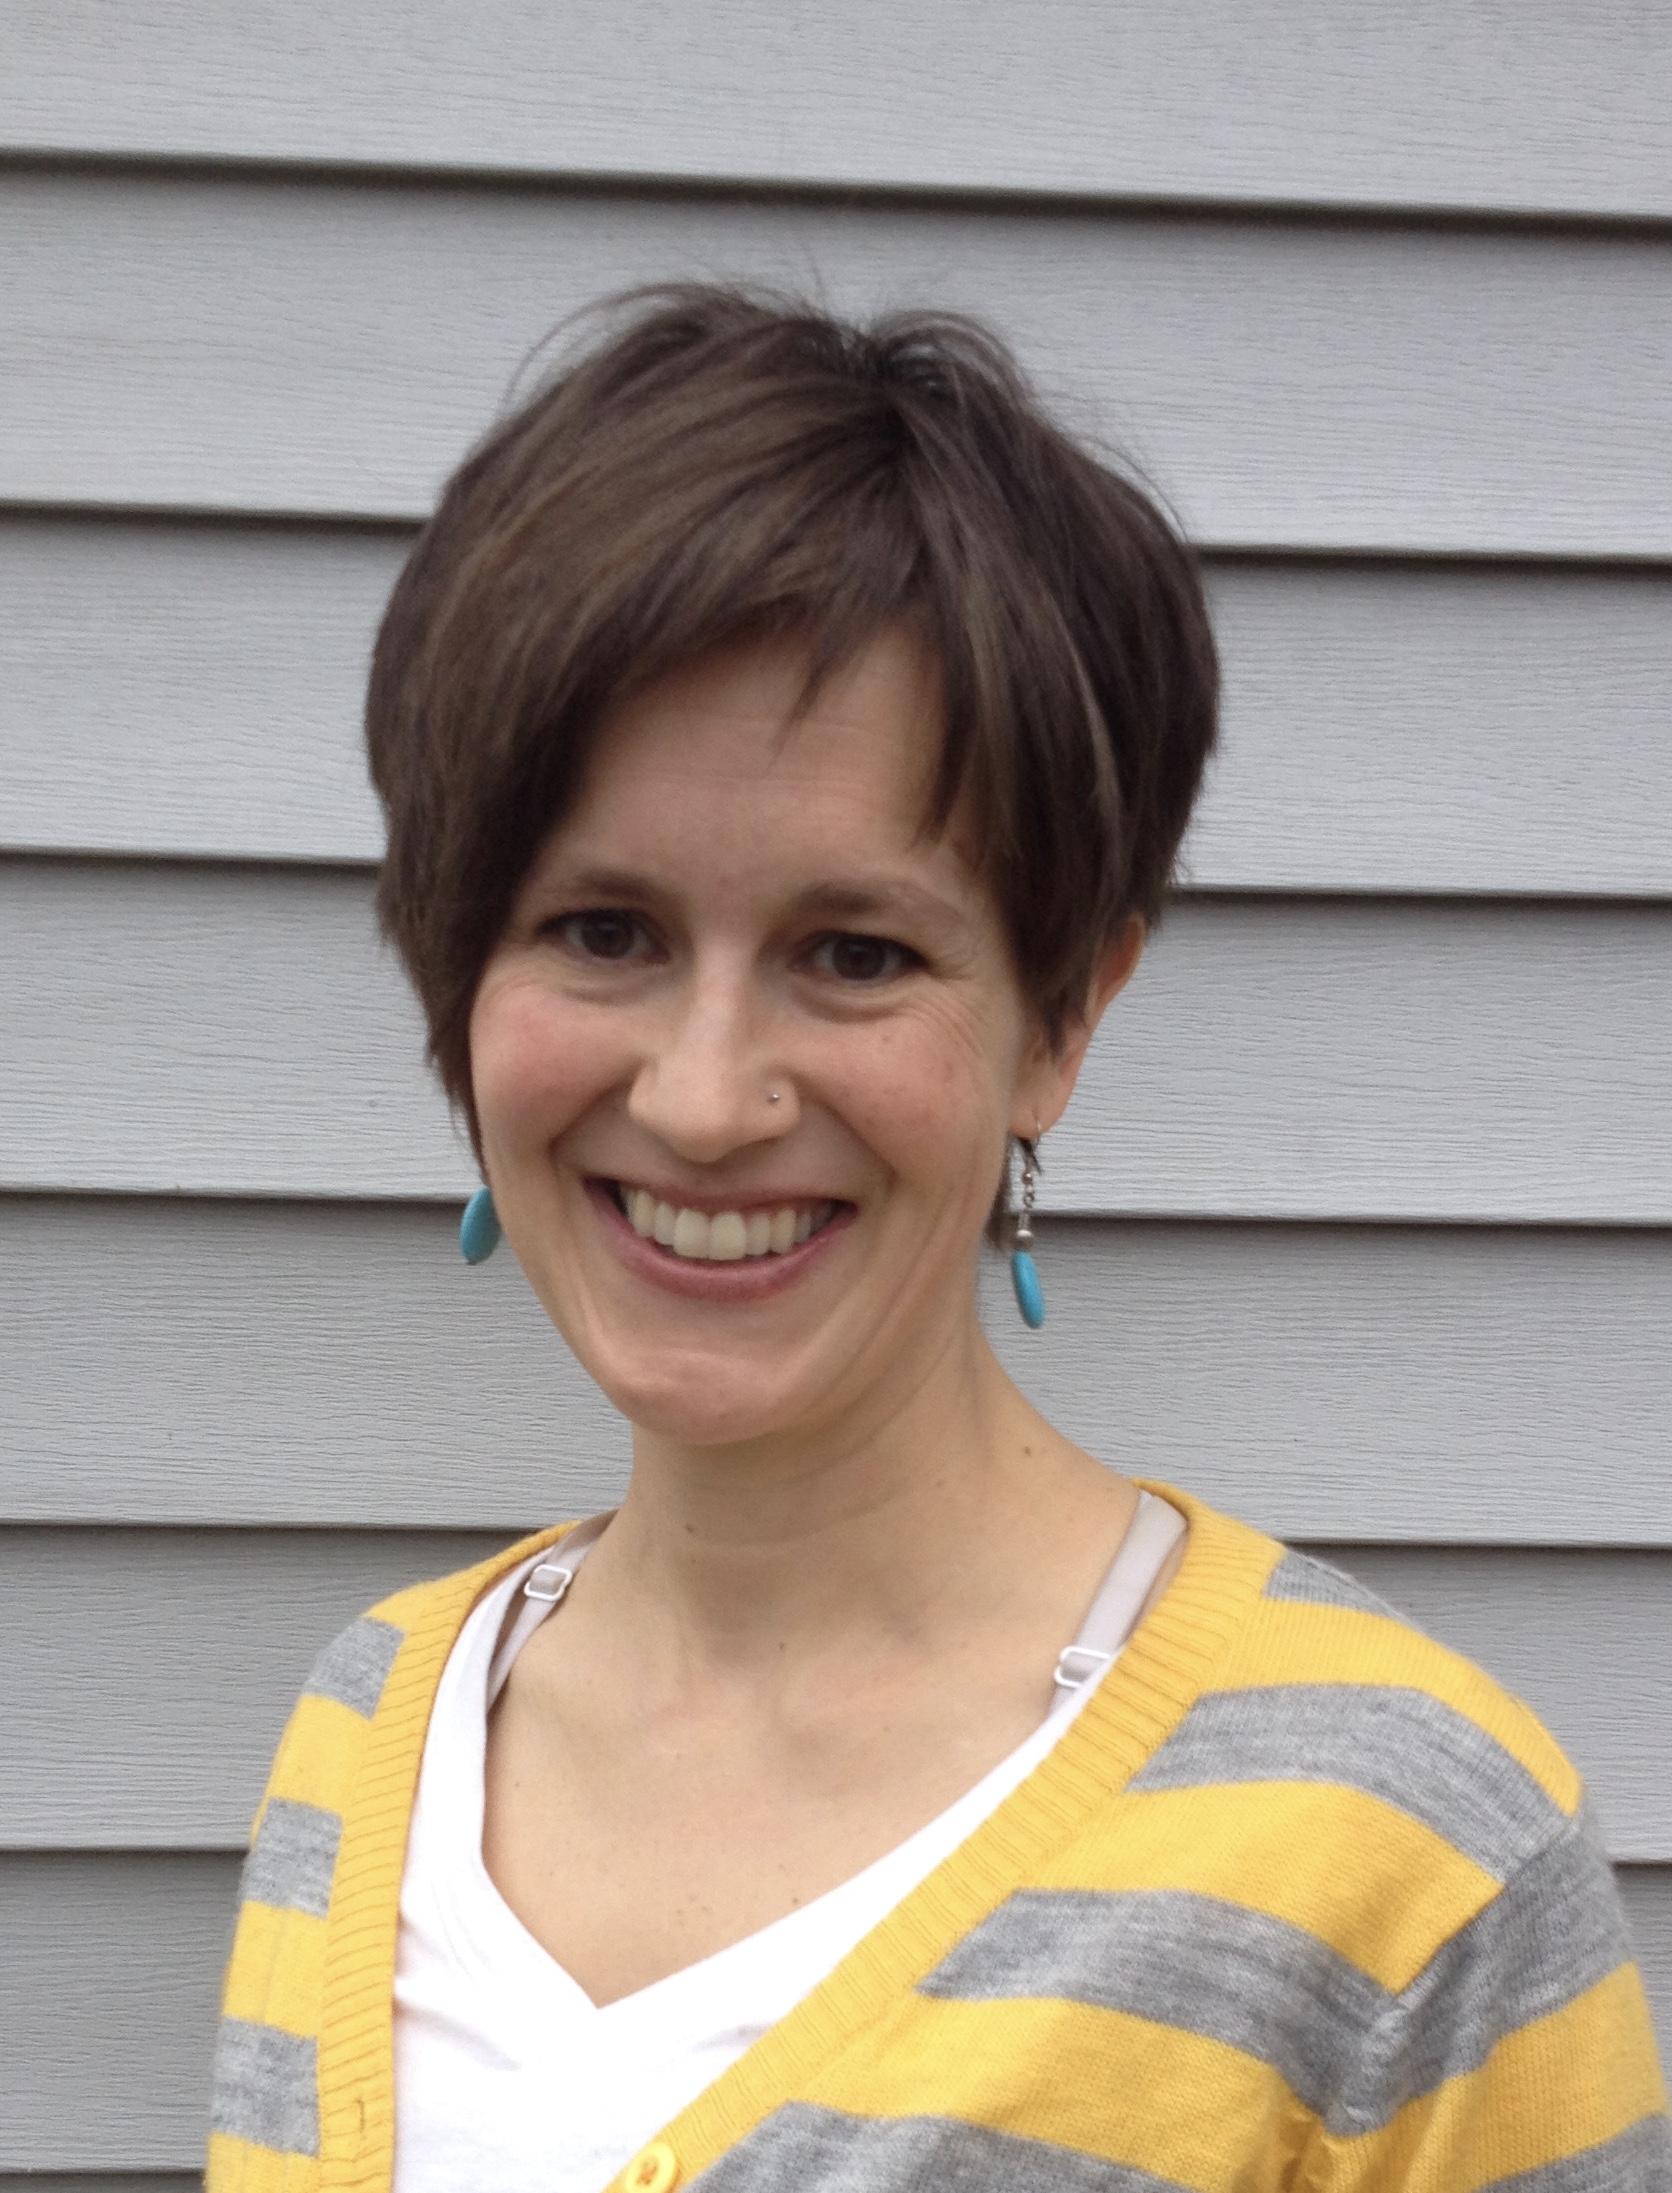 Elizabeth Turman-Bryant